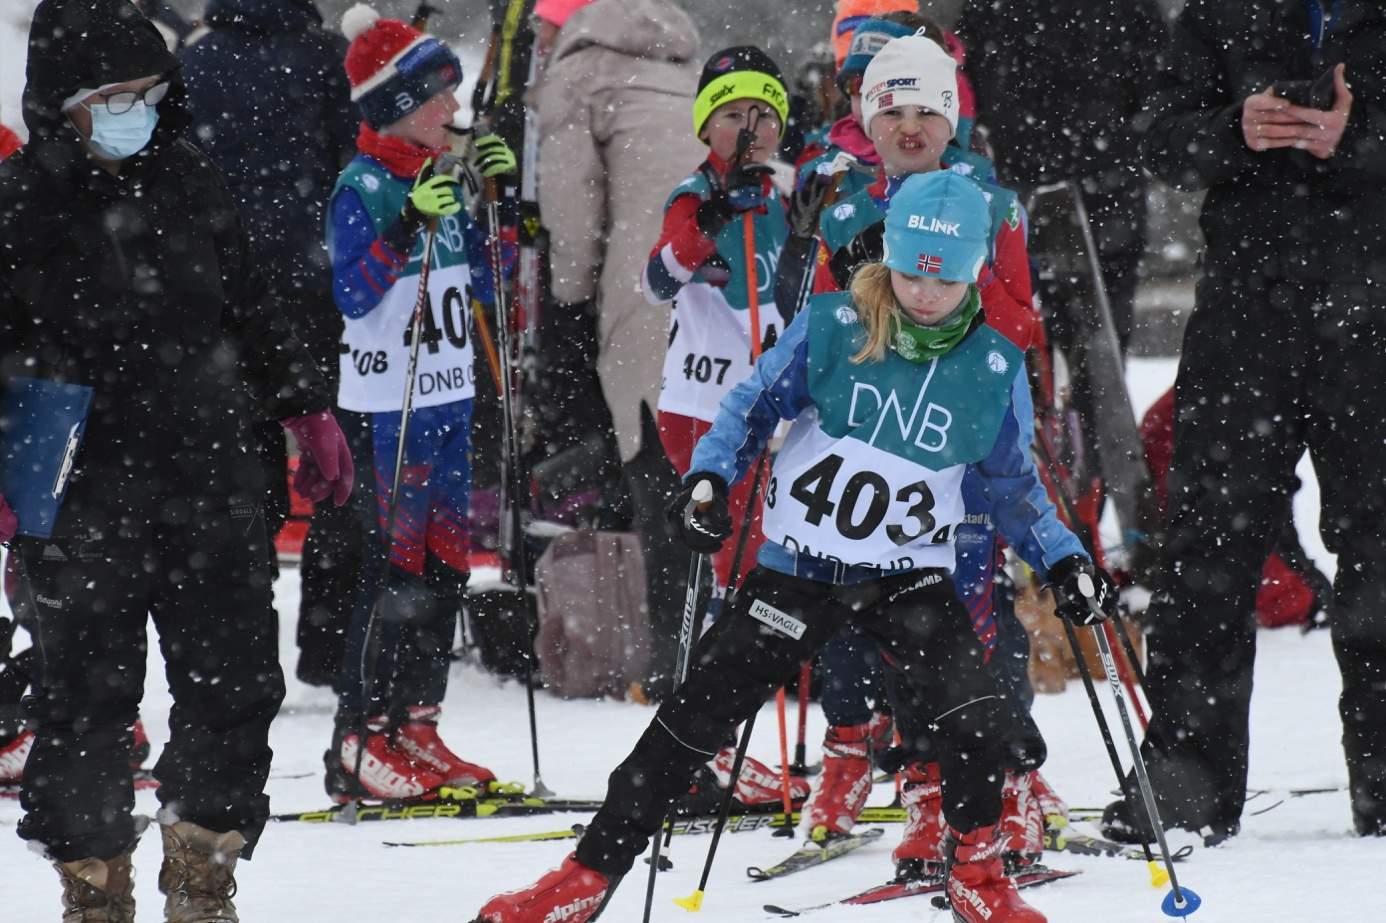 Et bilde som inneholder snø, gå på ski, utendørs, person  Automatisk generert beskrivelse